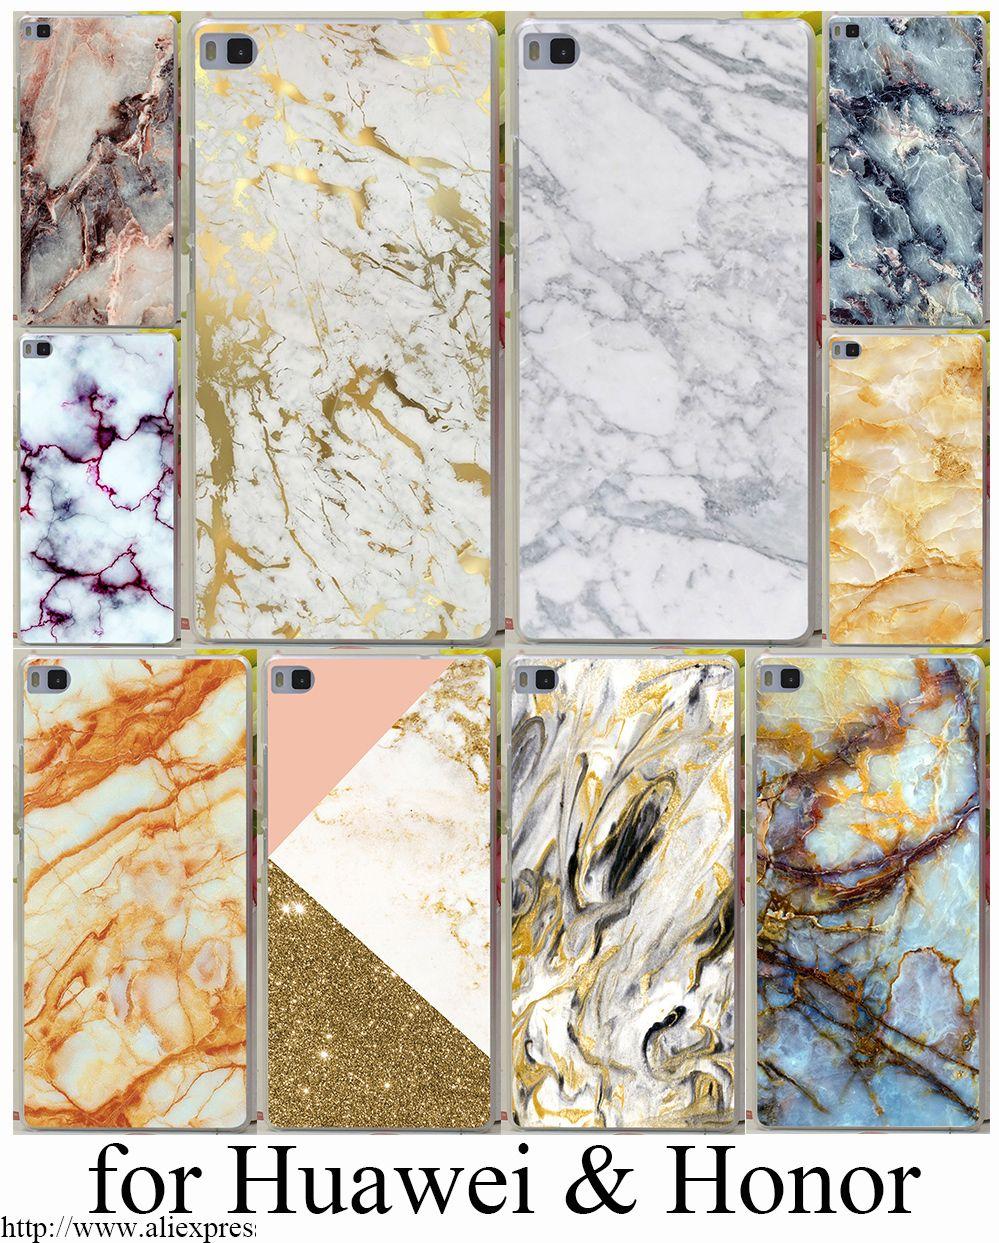 ゴールド大理石コラージュハード透明caseカバーのためのhuawei p6 p7 p8 p9 liteプラス& honor 6 7 4c 4x g7 caseカバー